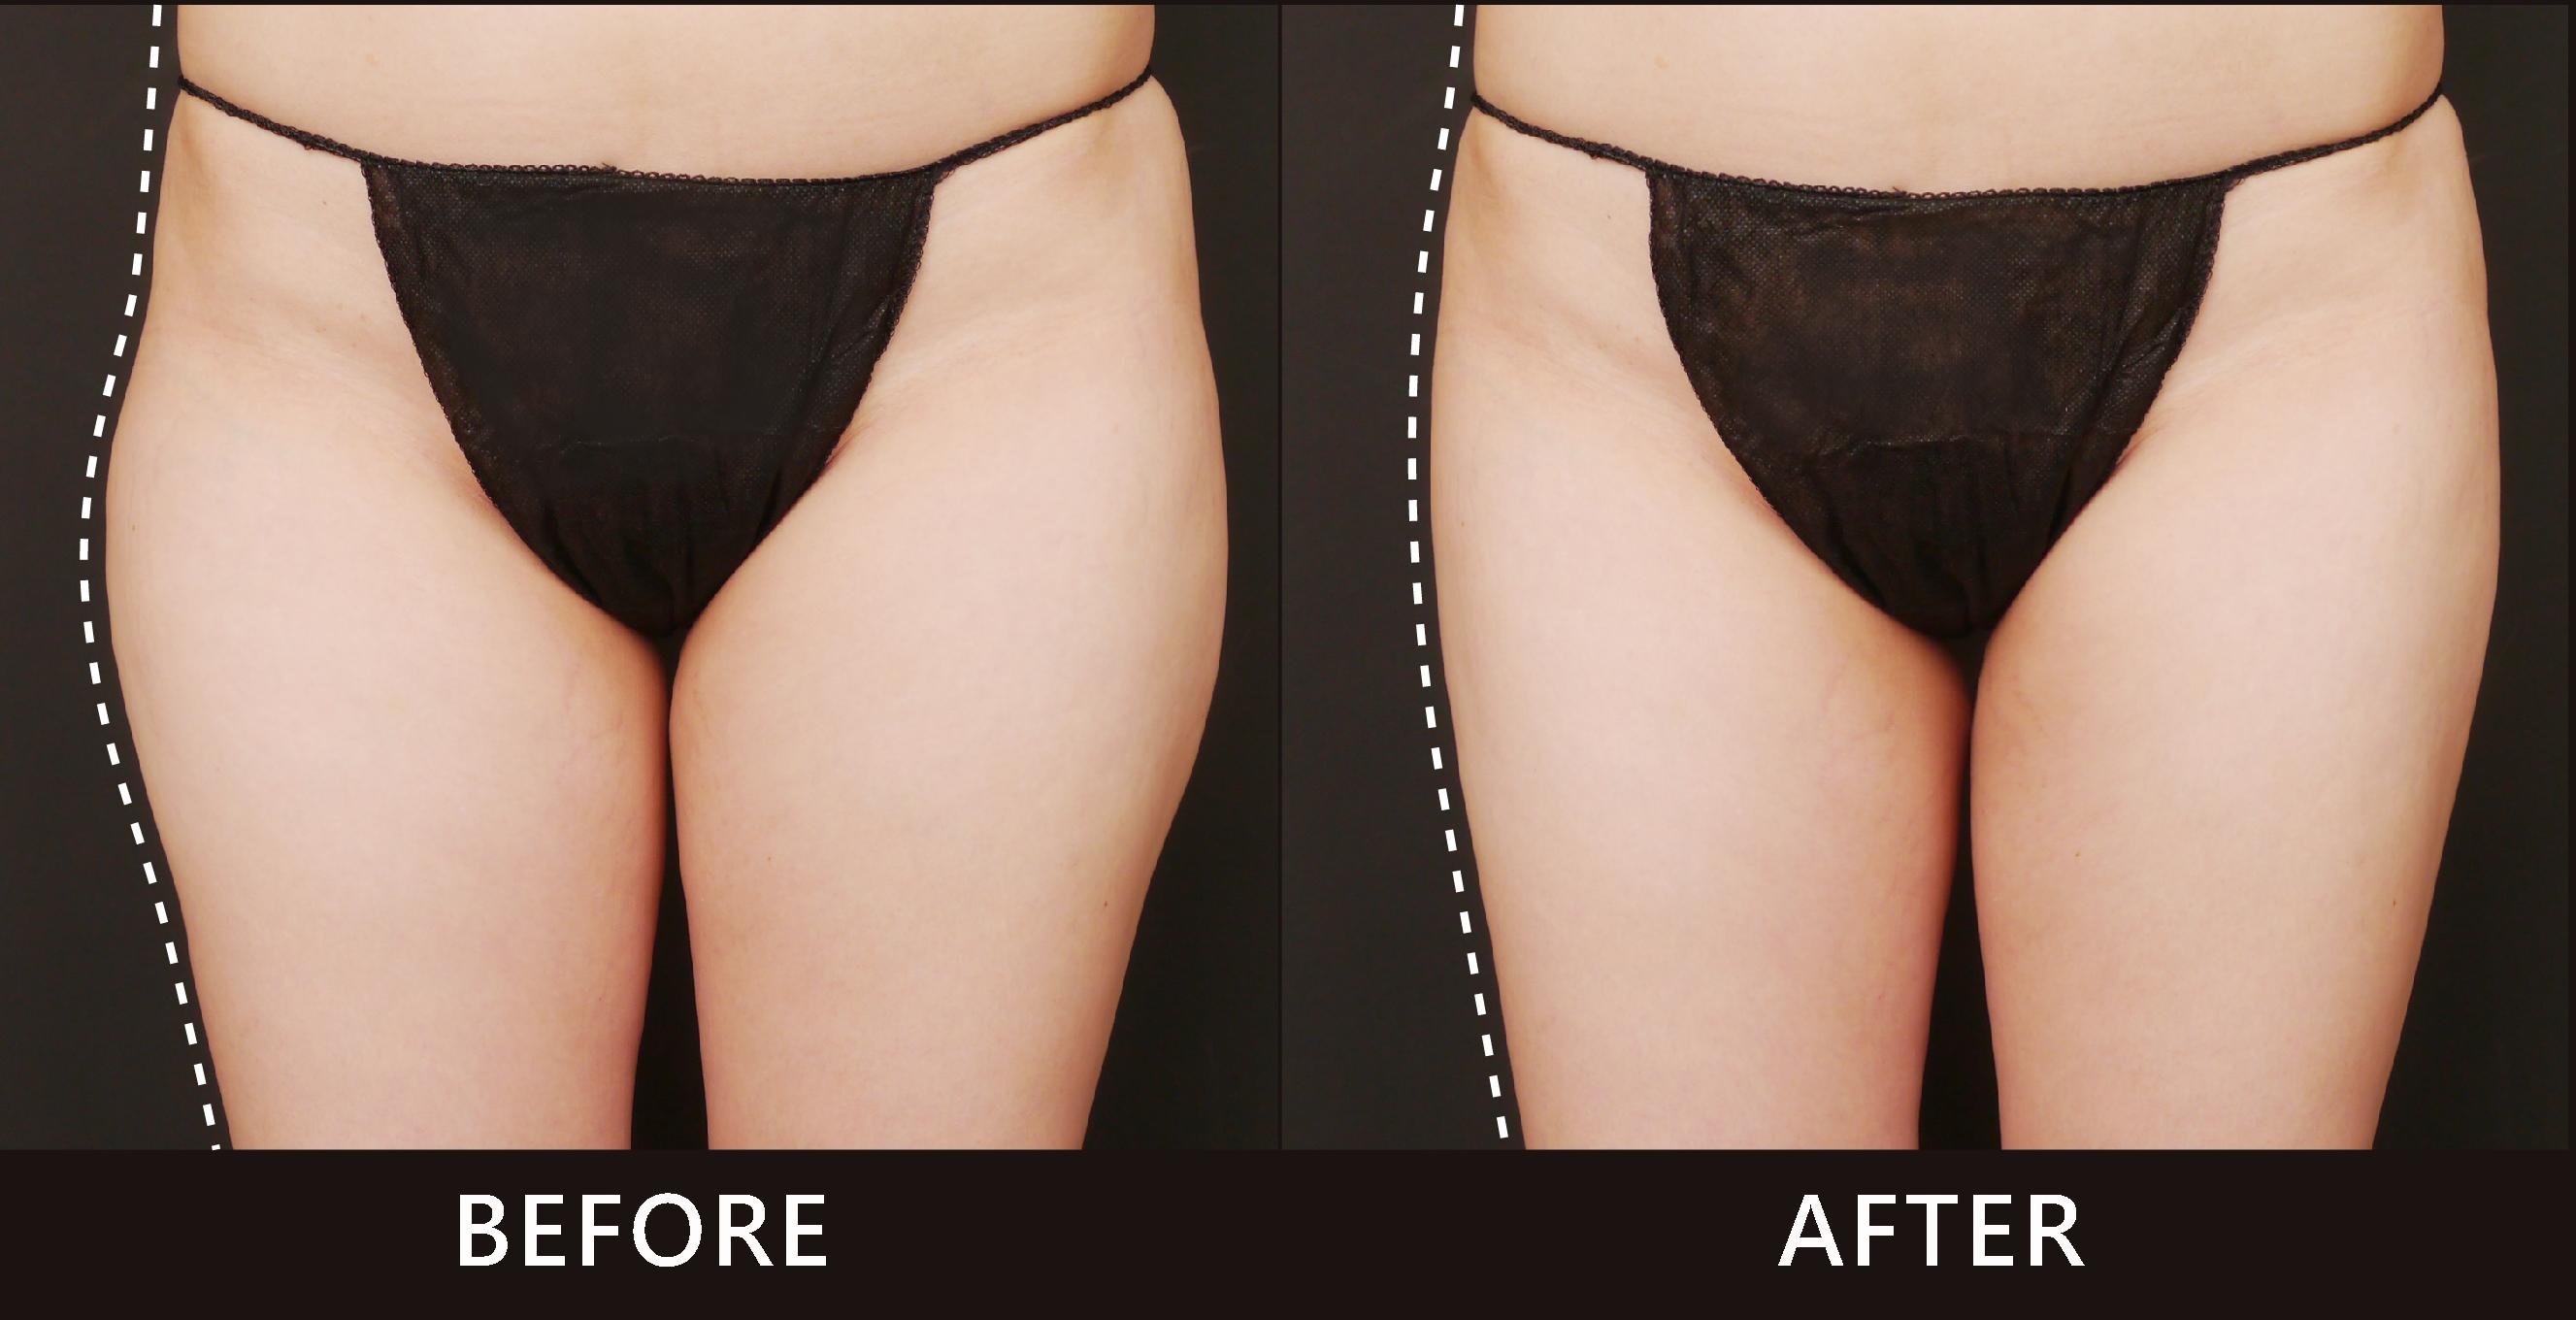 大腿外側因脂肪堆積造成大屁股的印象,是亞洲女性體型的常見現象。因此選擇酷爾塑平冷凍減脂療程雕塑大腿外側曲線,線條變得筆直。(效果因個案而異)